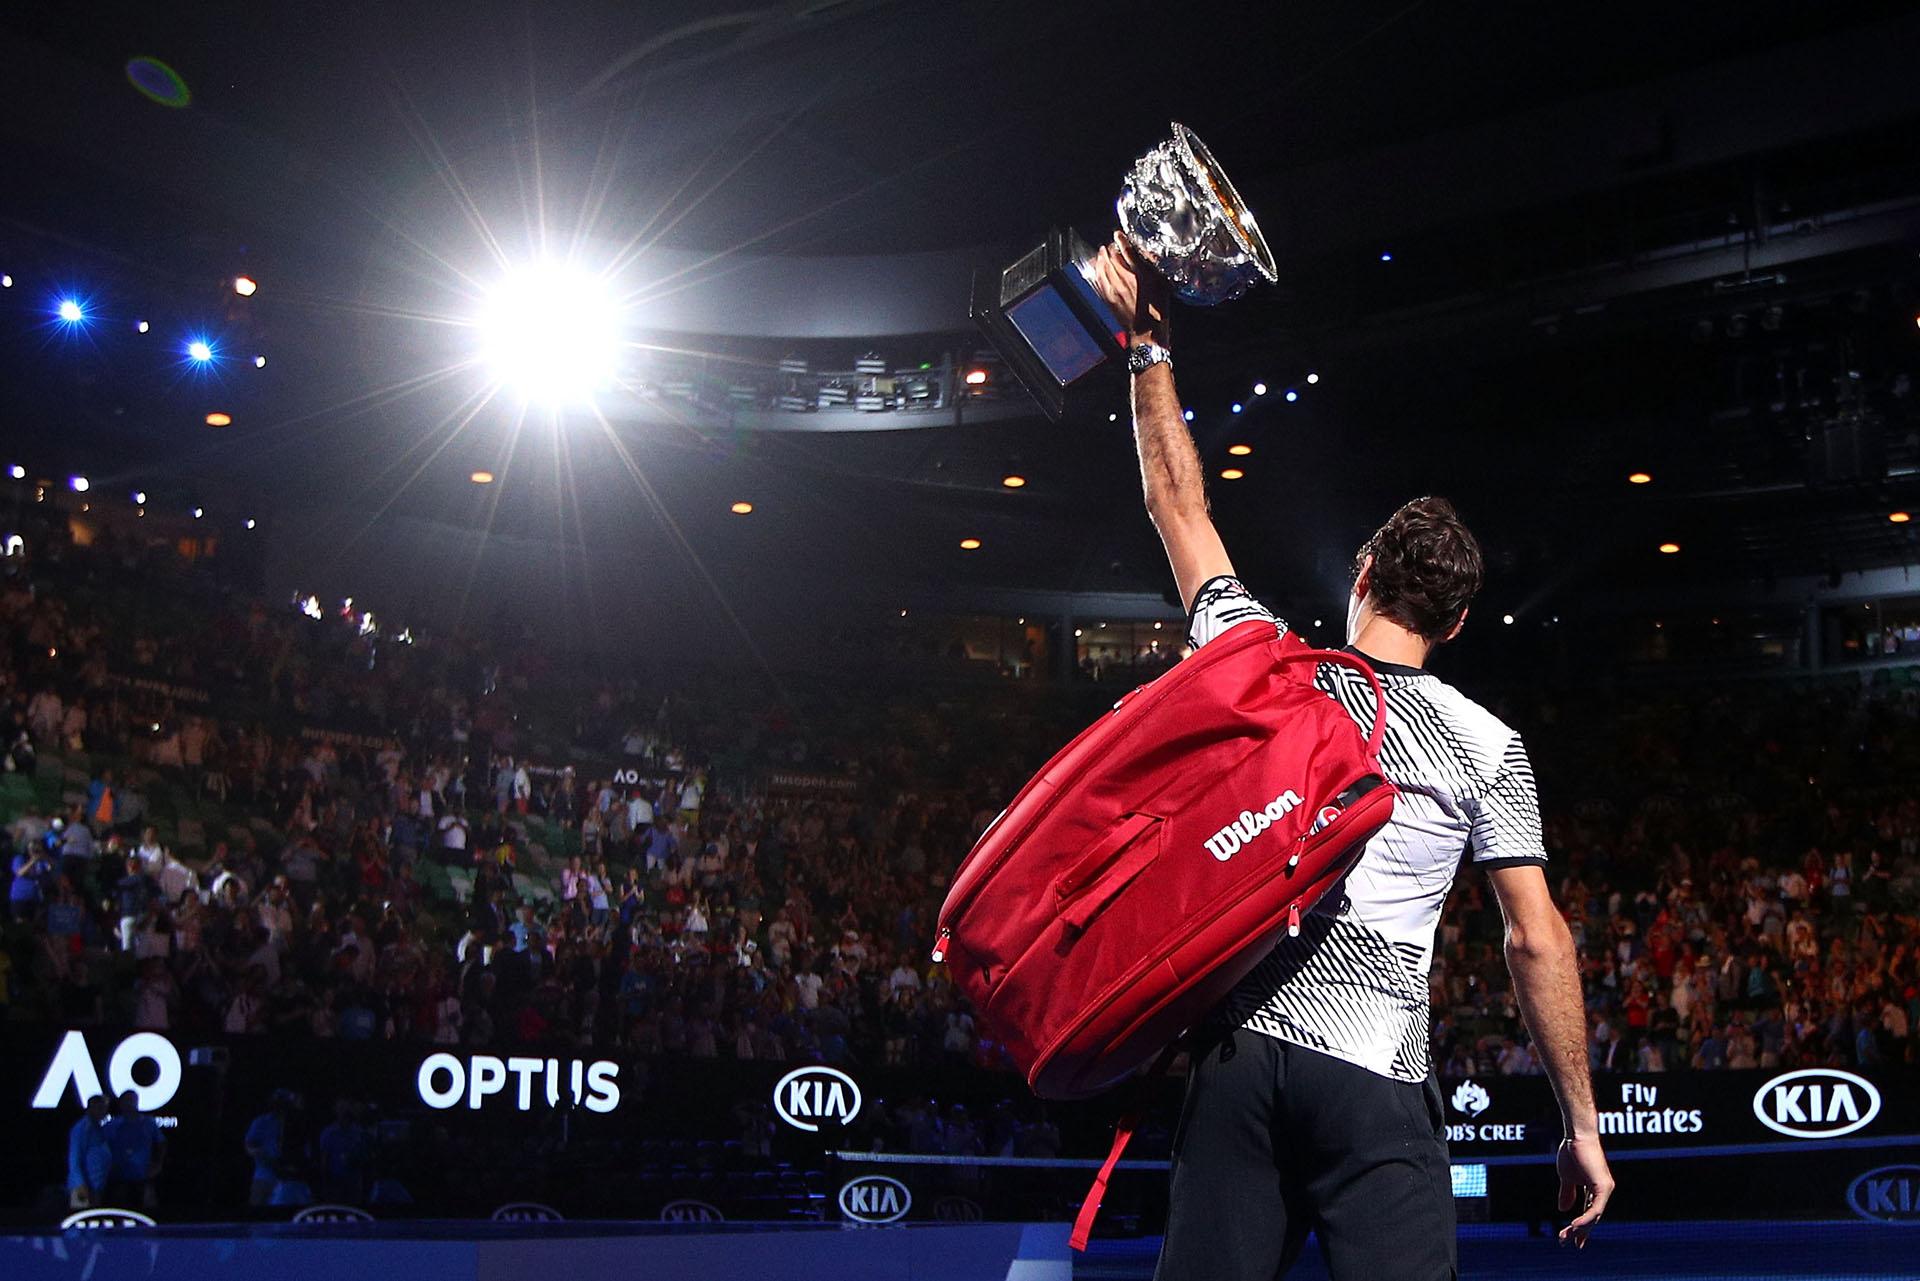 El último Abierto de Australia en el que participó fue hace 6 años, en donde venció a Andy Murray por 6-3, 6-4, 7-6(11)